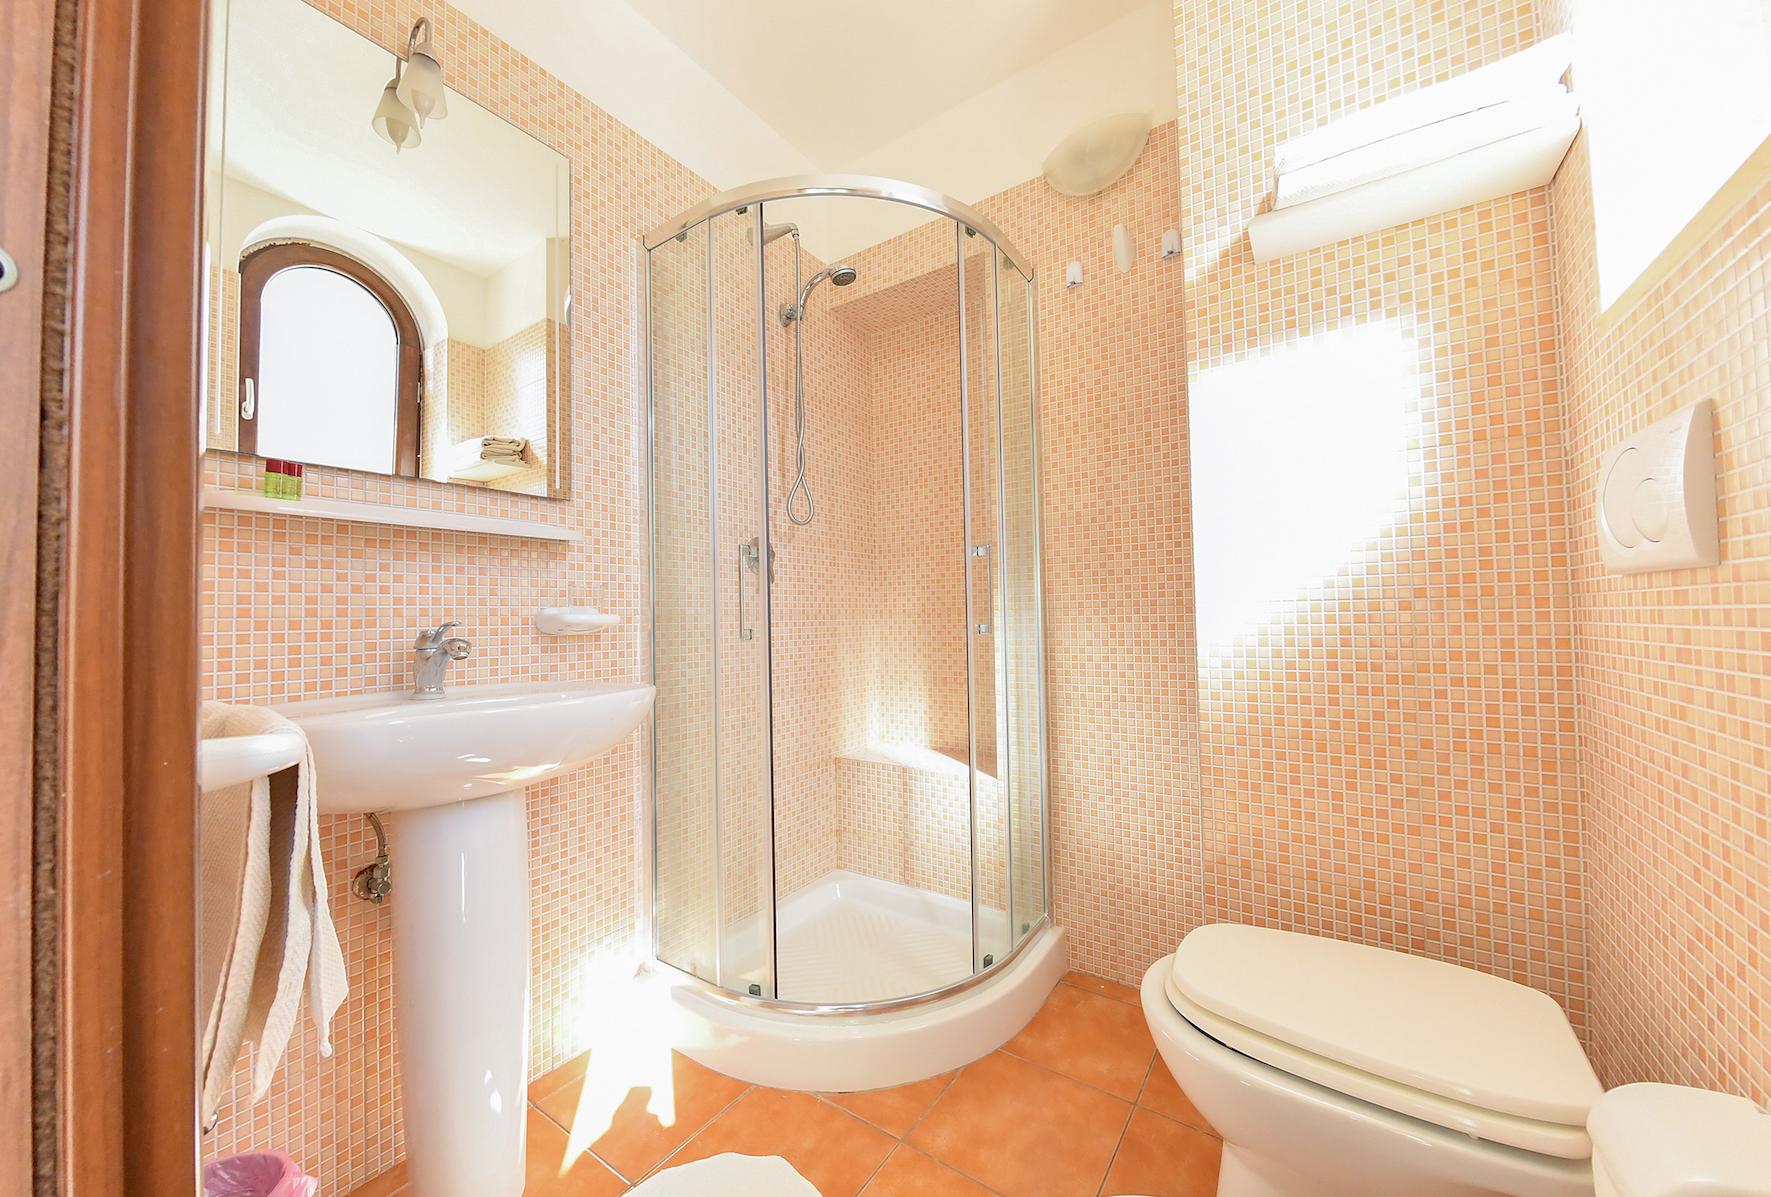 Salle de bain des appartements Lecce